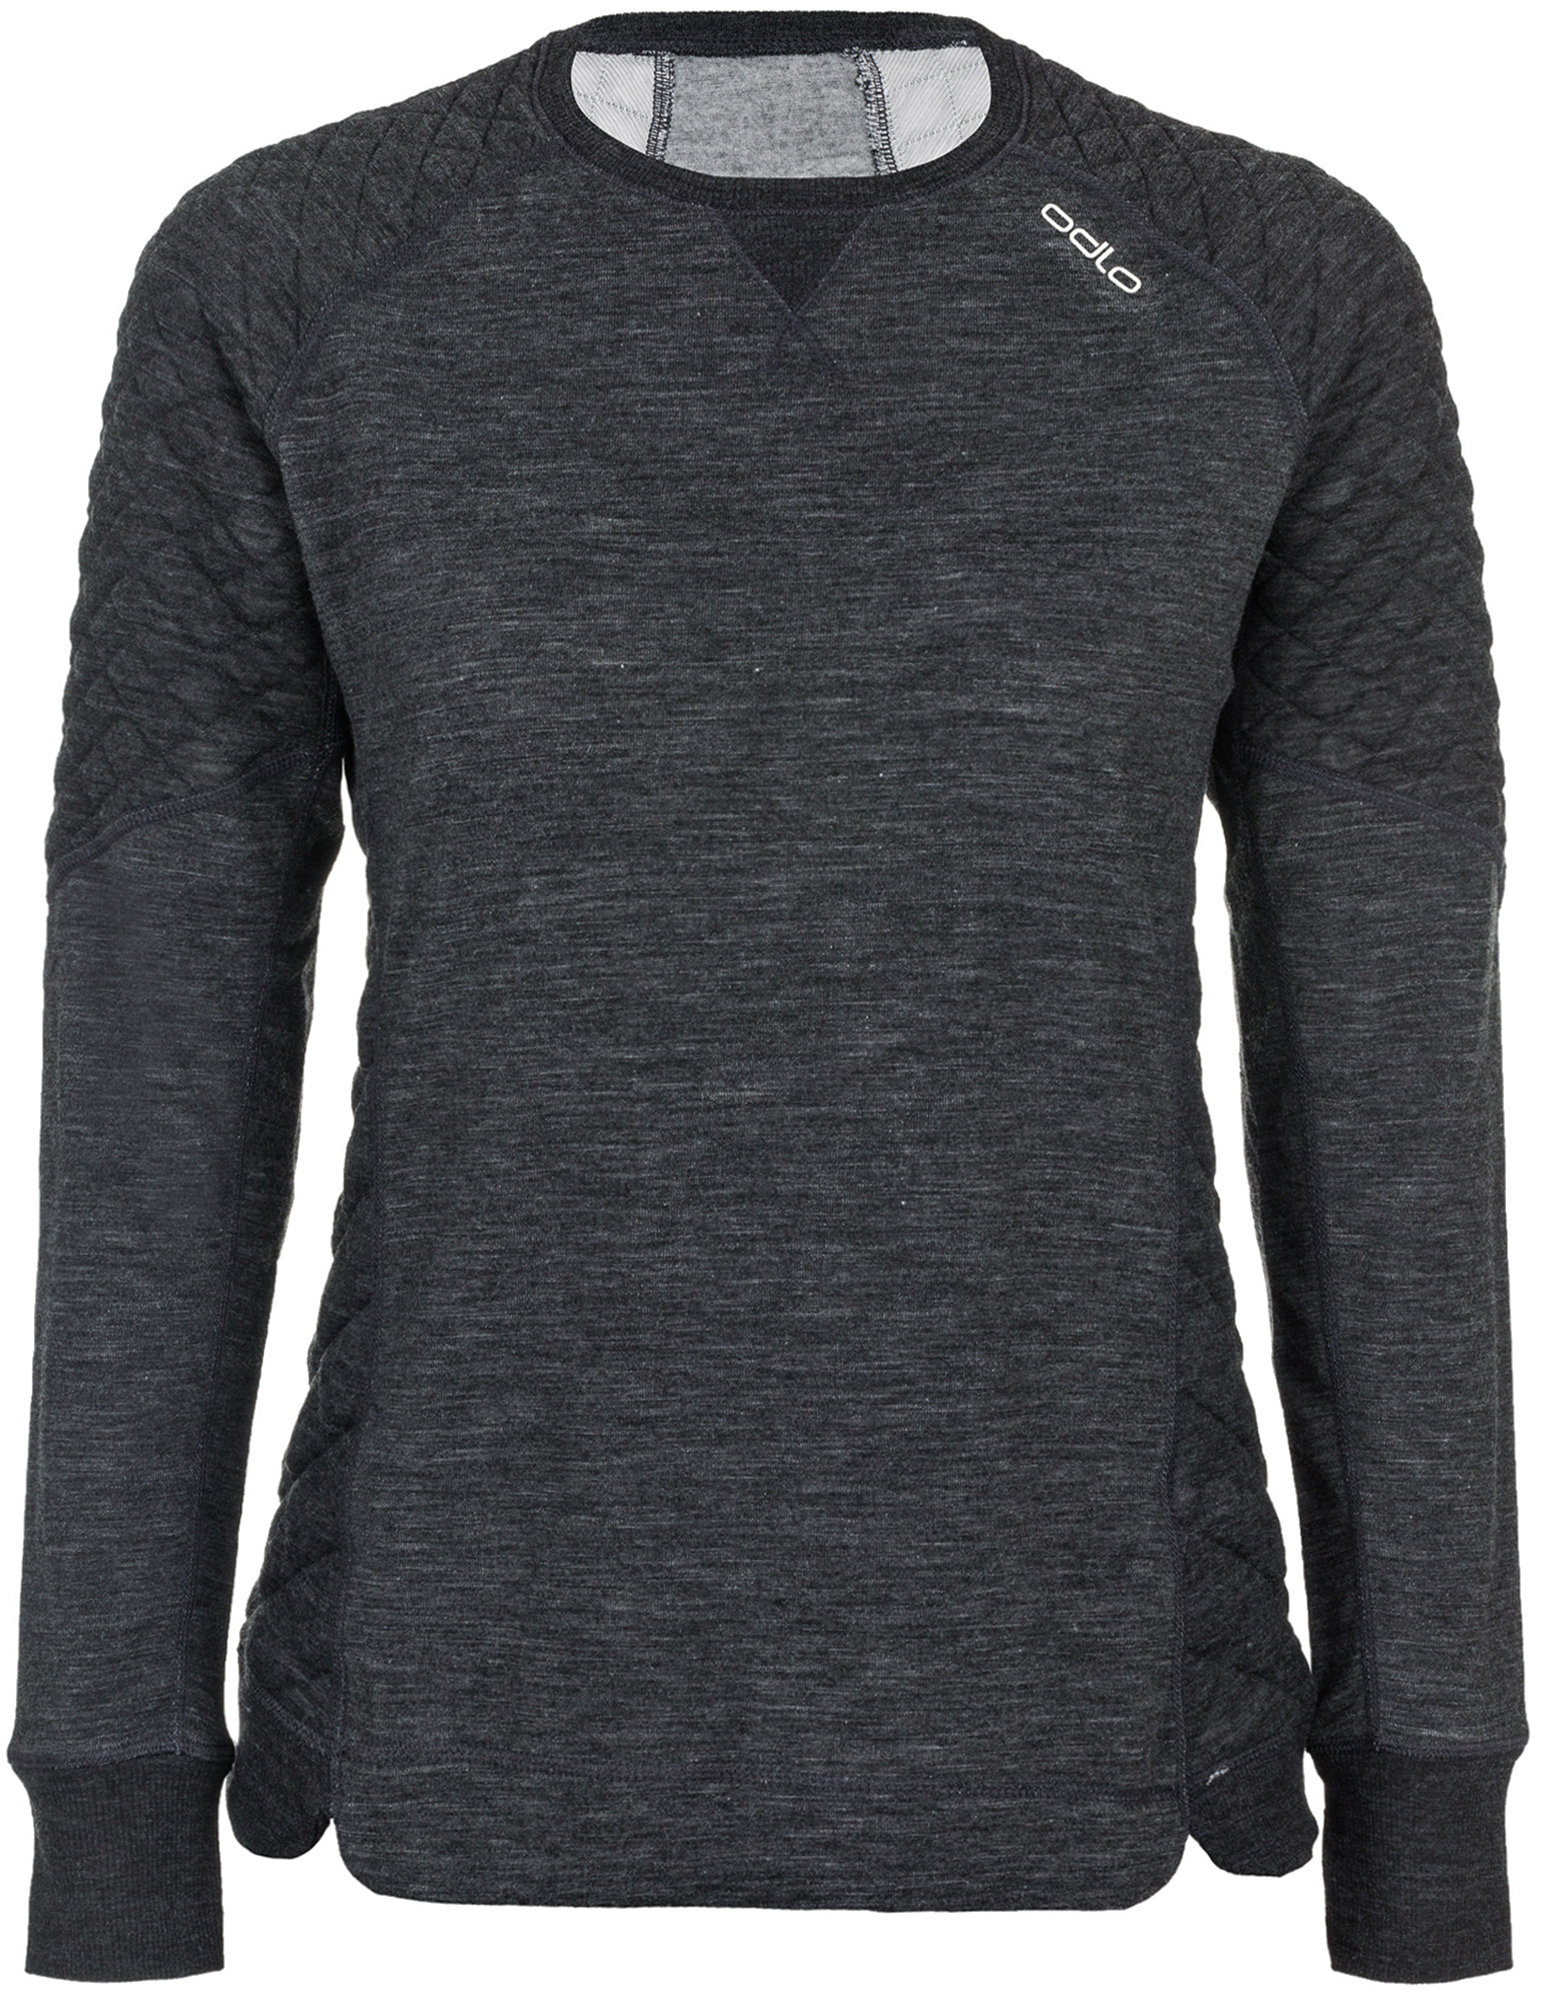 495562962138e Купить термотрусы мужские odlo по низкой цене в интернет-магазине дешево